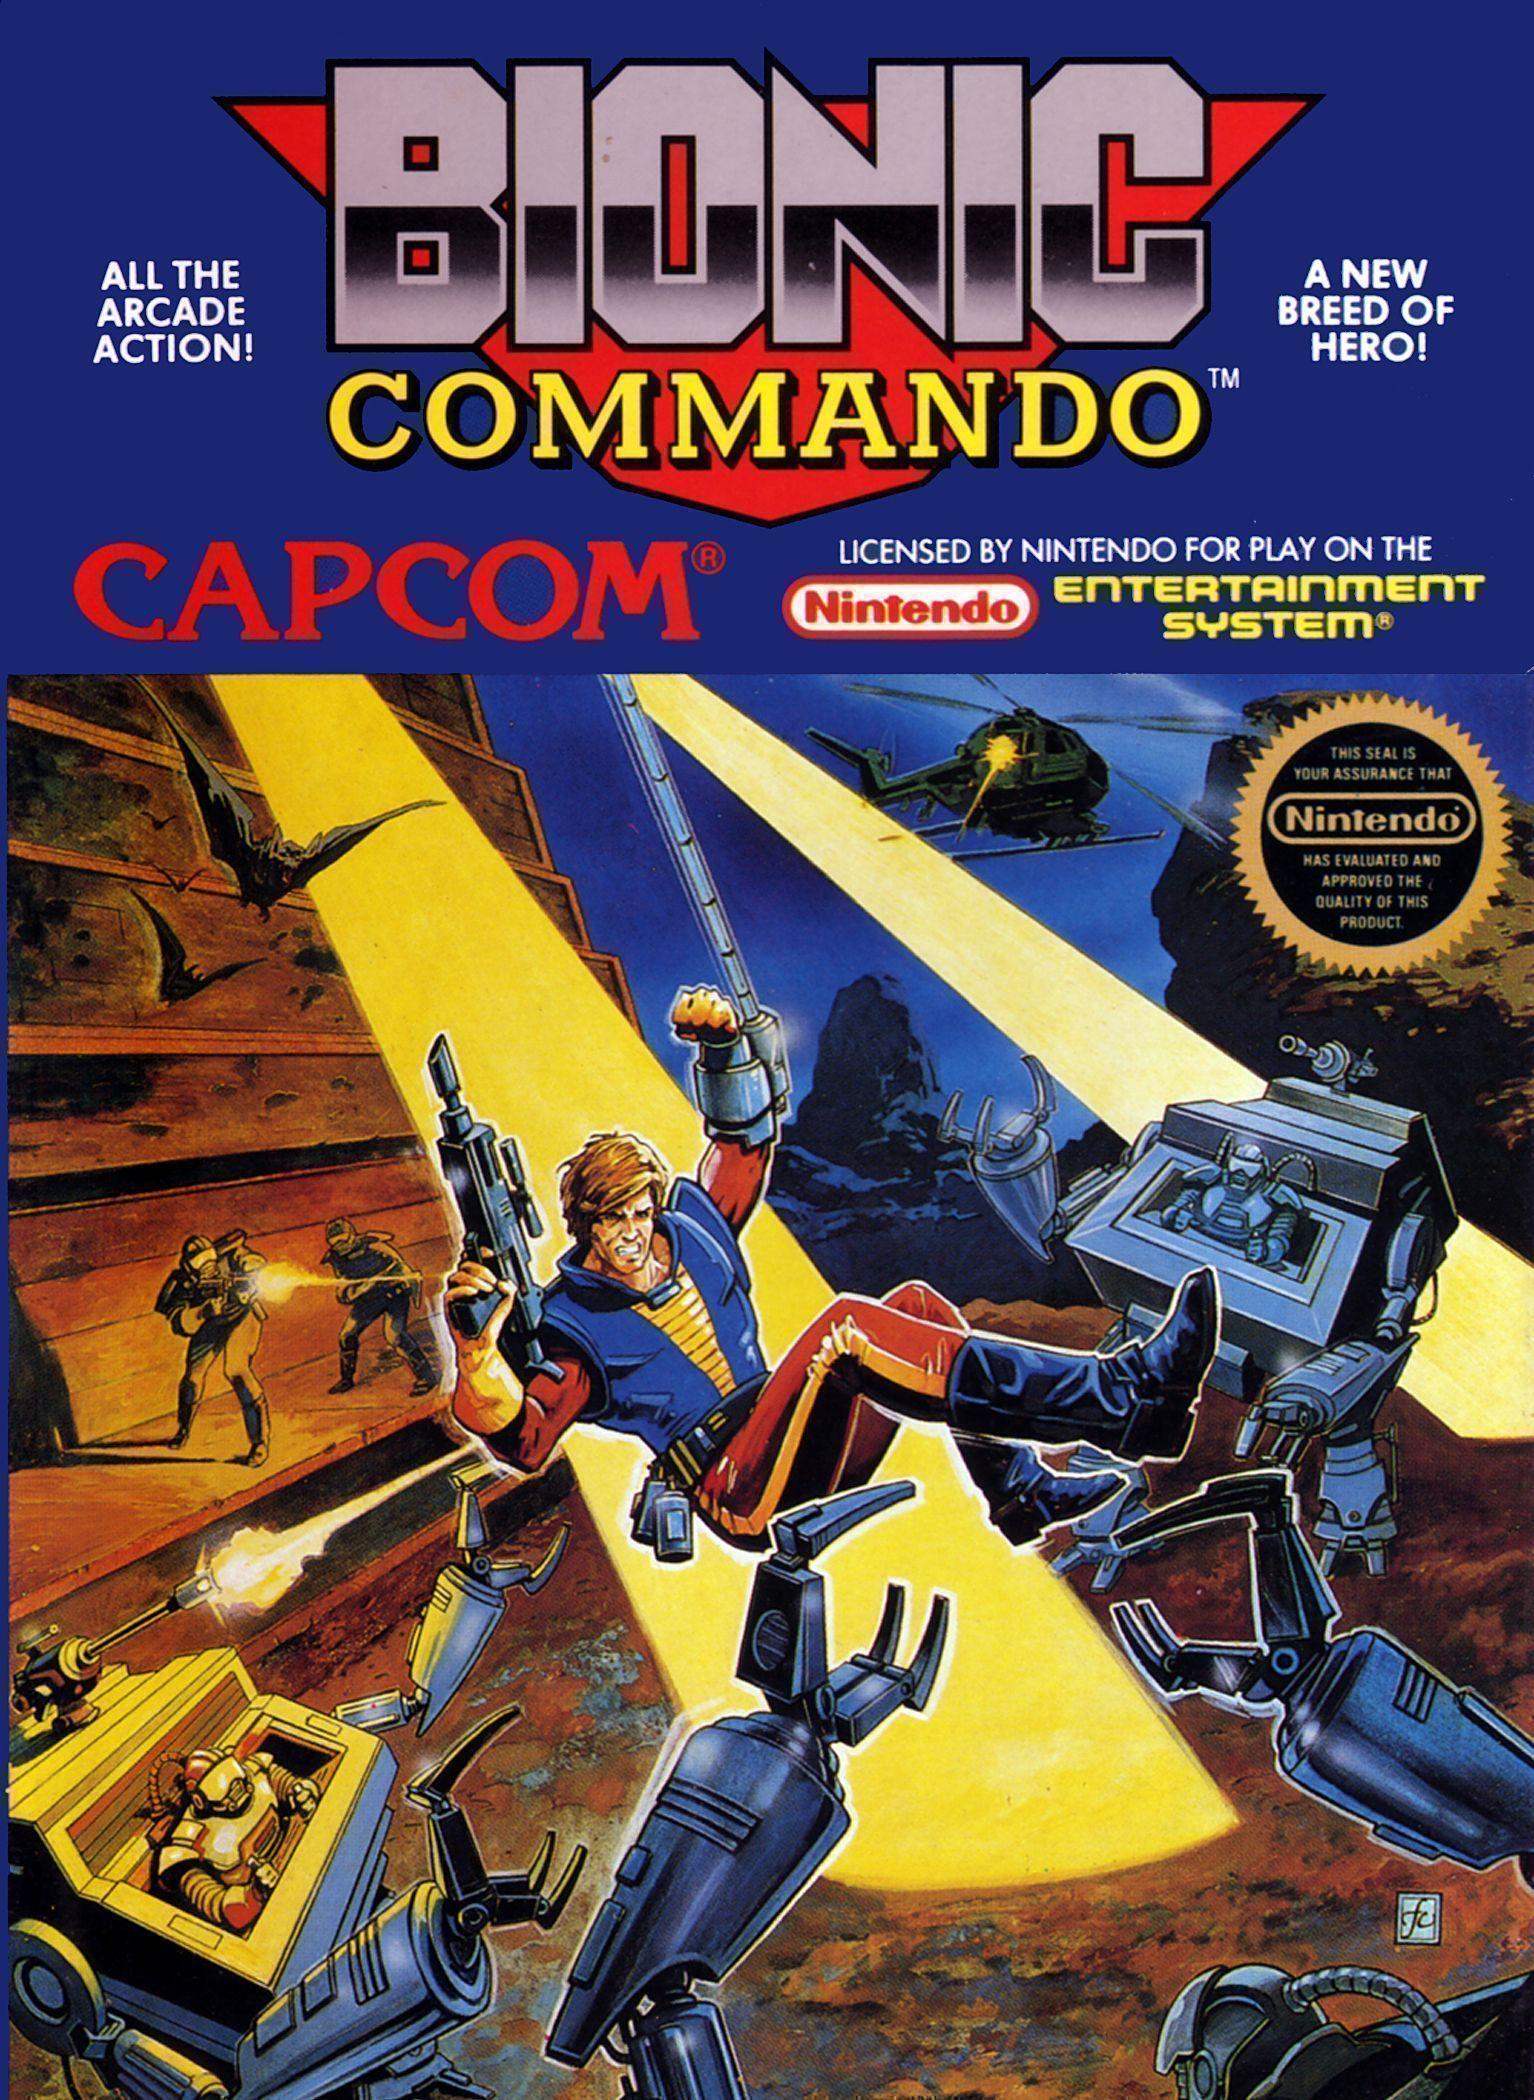 ZZZ_UNK_Bionic Commando (Bad CHR)